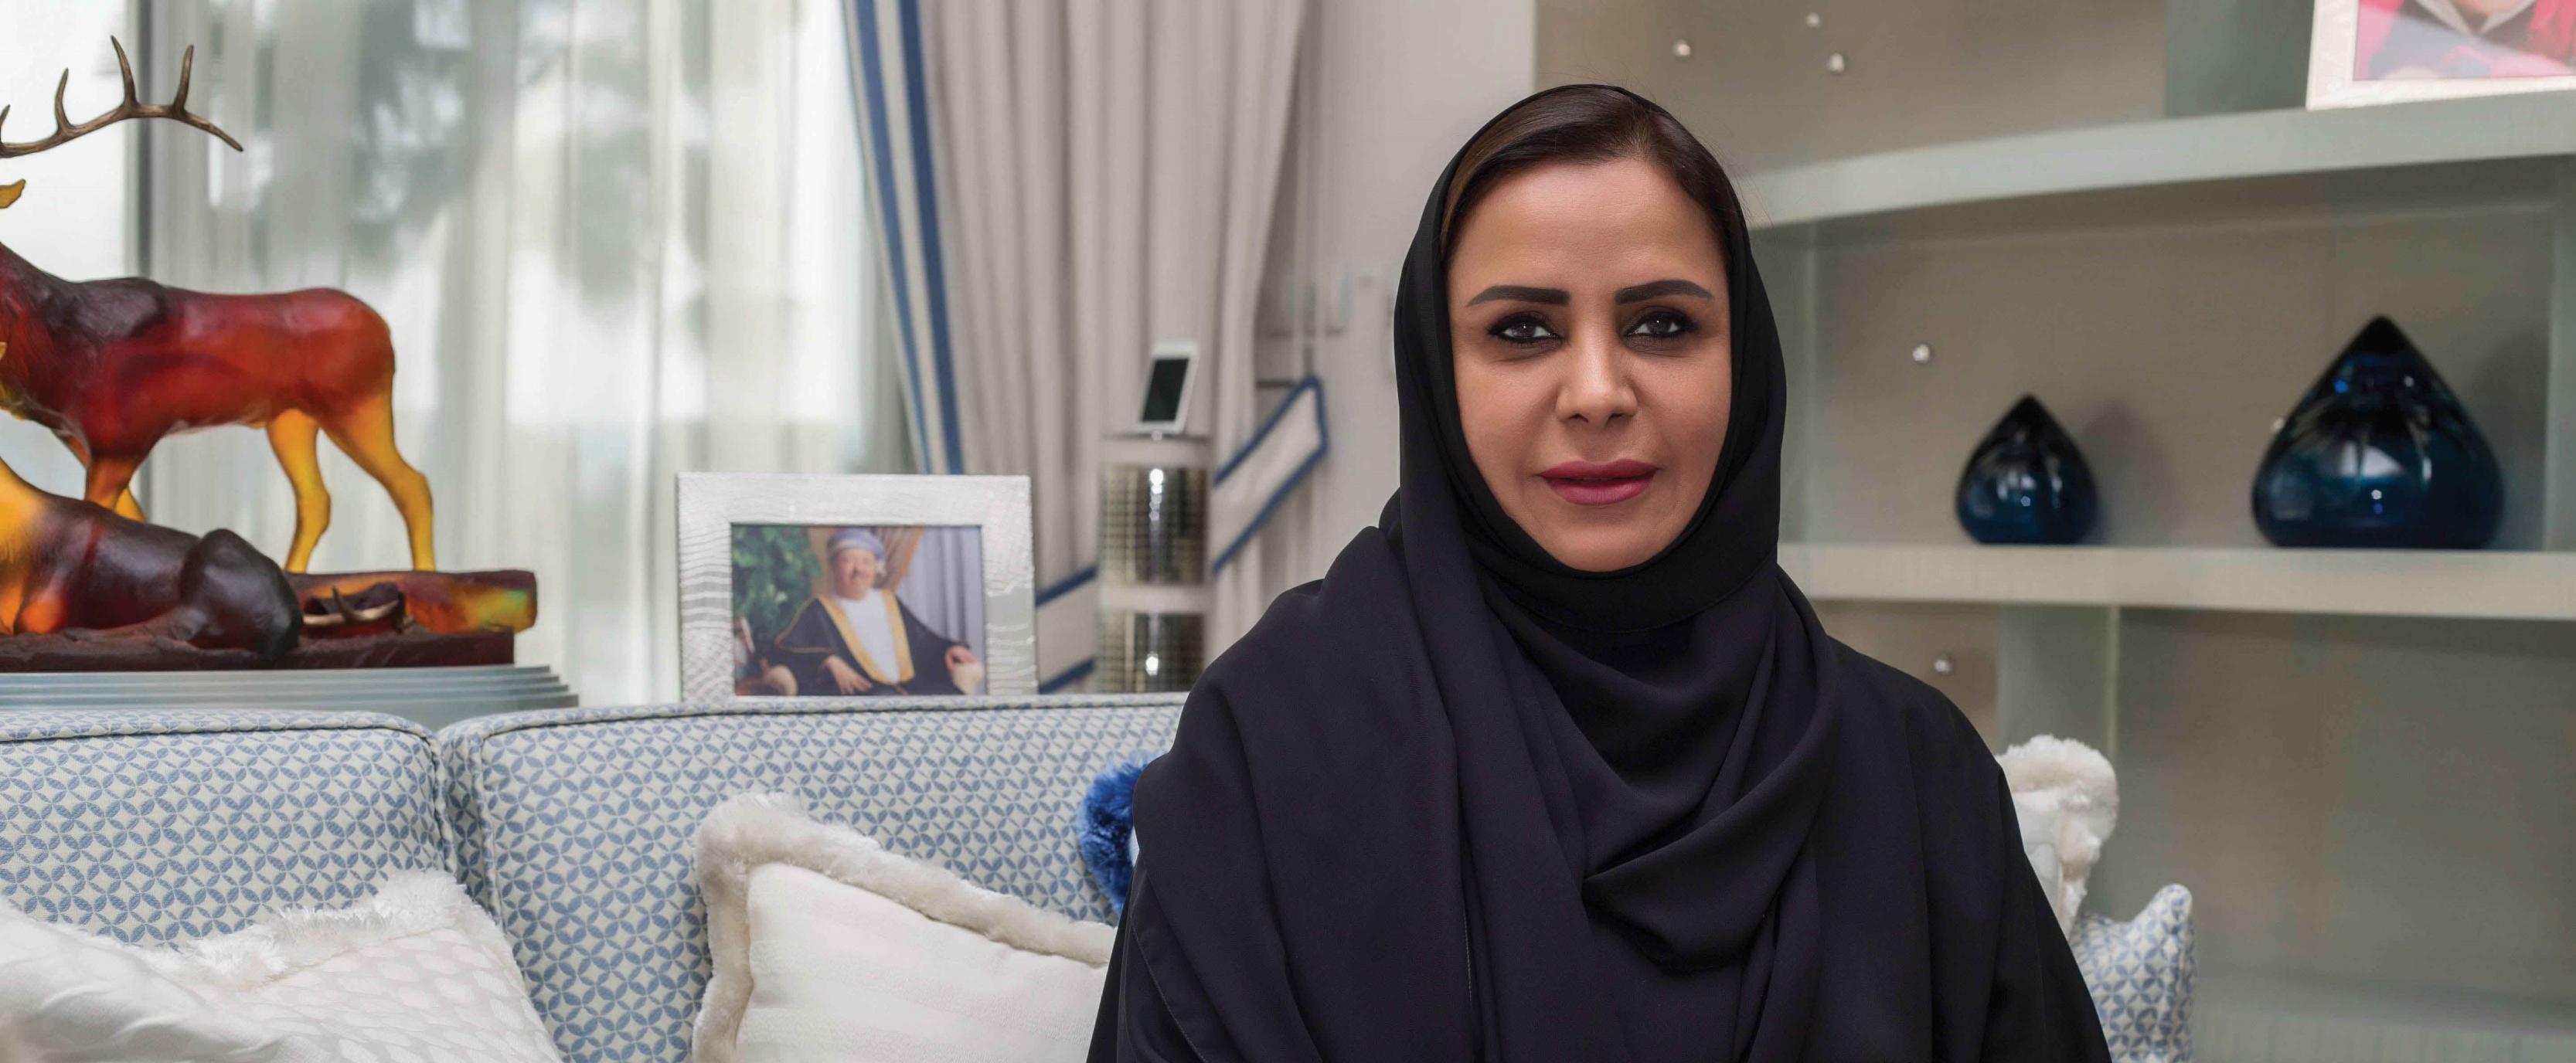 صور بنات عمان , الجنس اللطيف في عمان